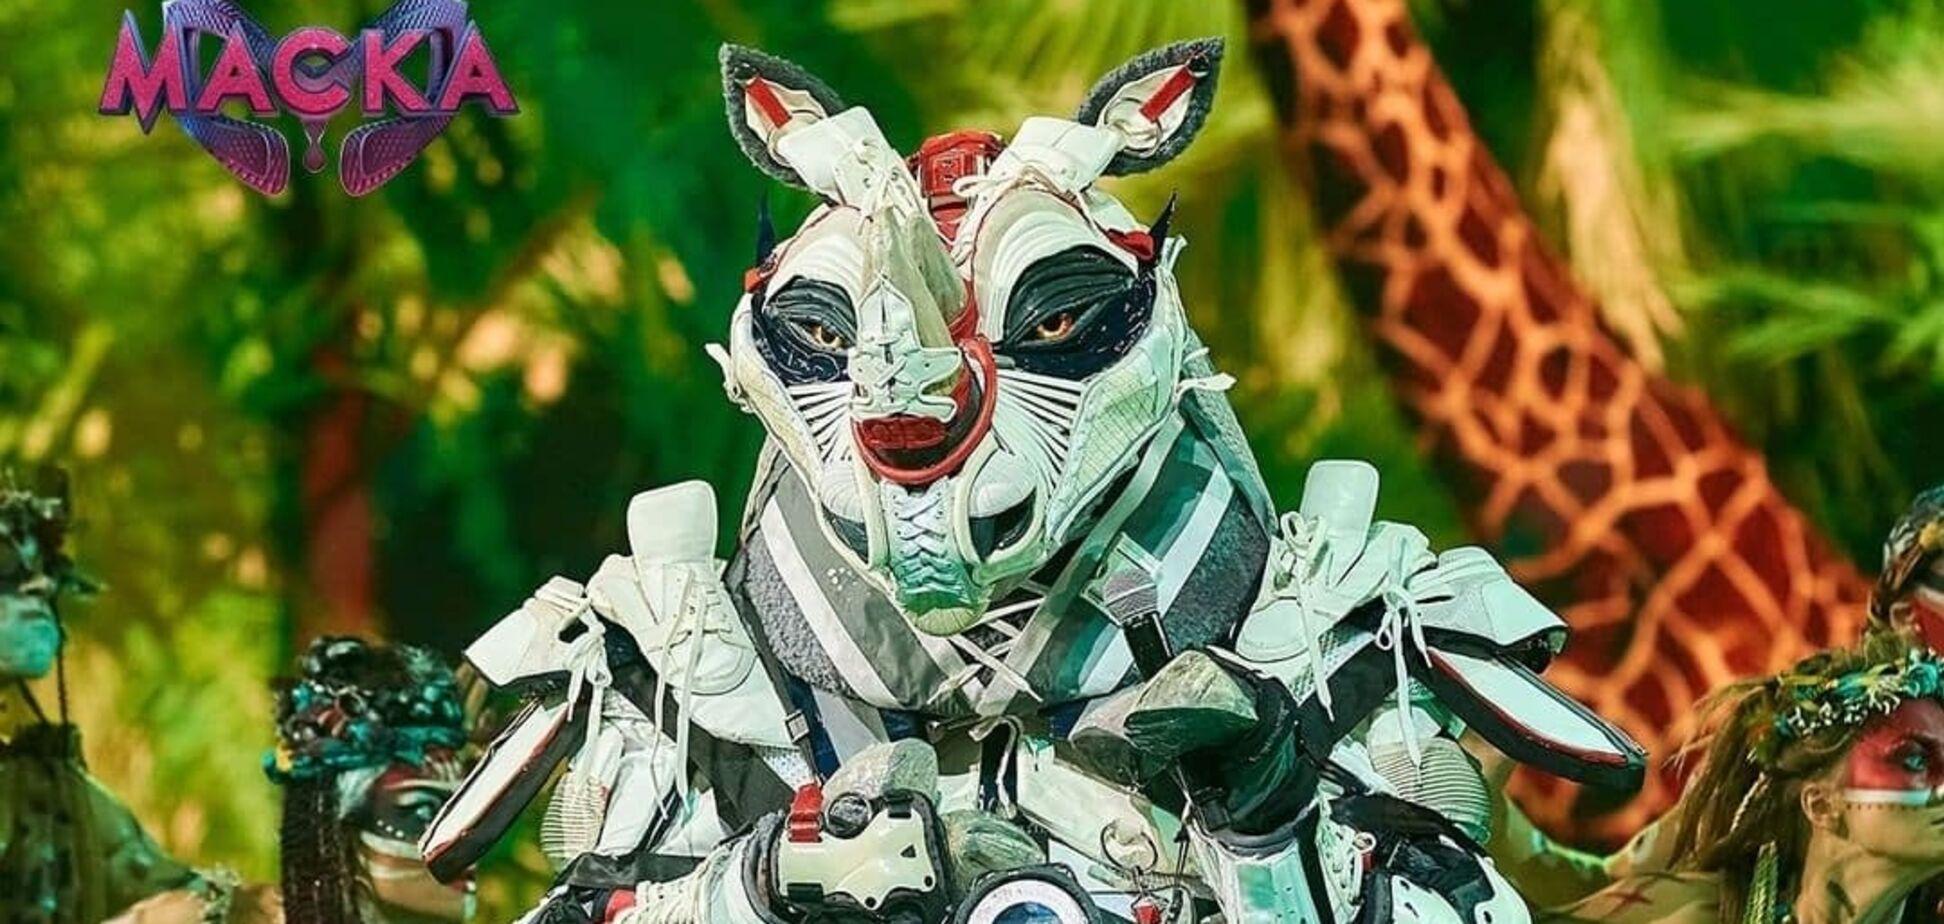 Хто ховався за образом Носорога в шоу 'Маска'